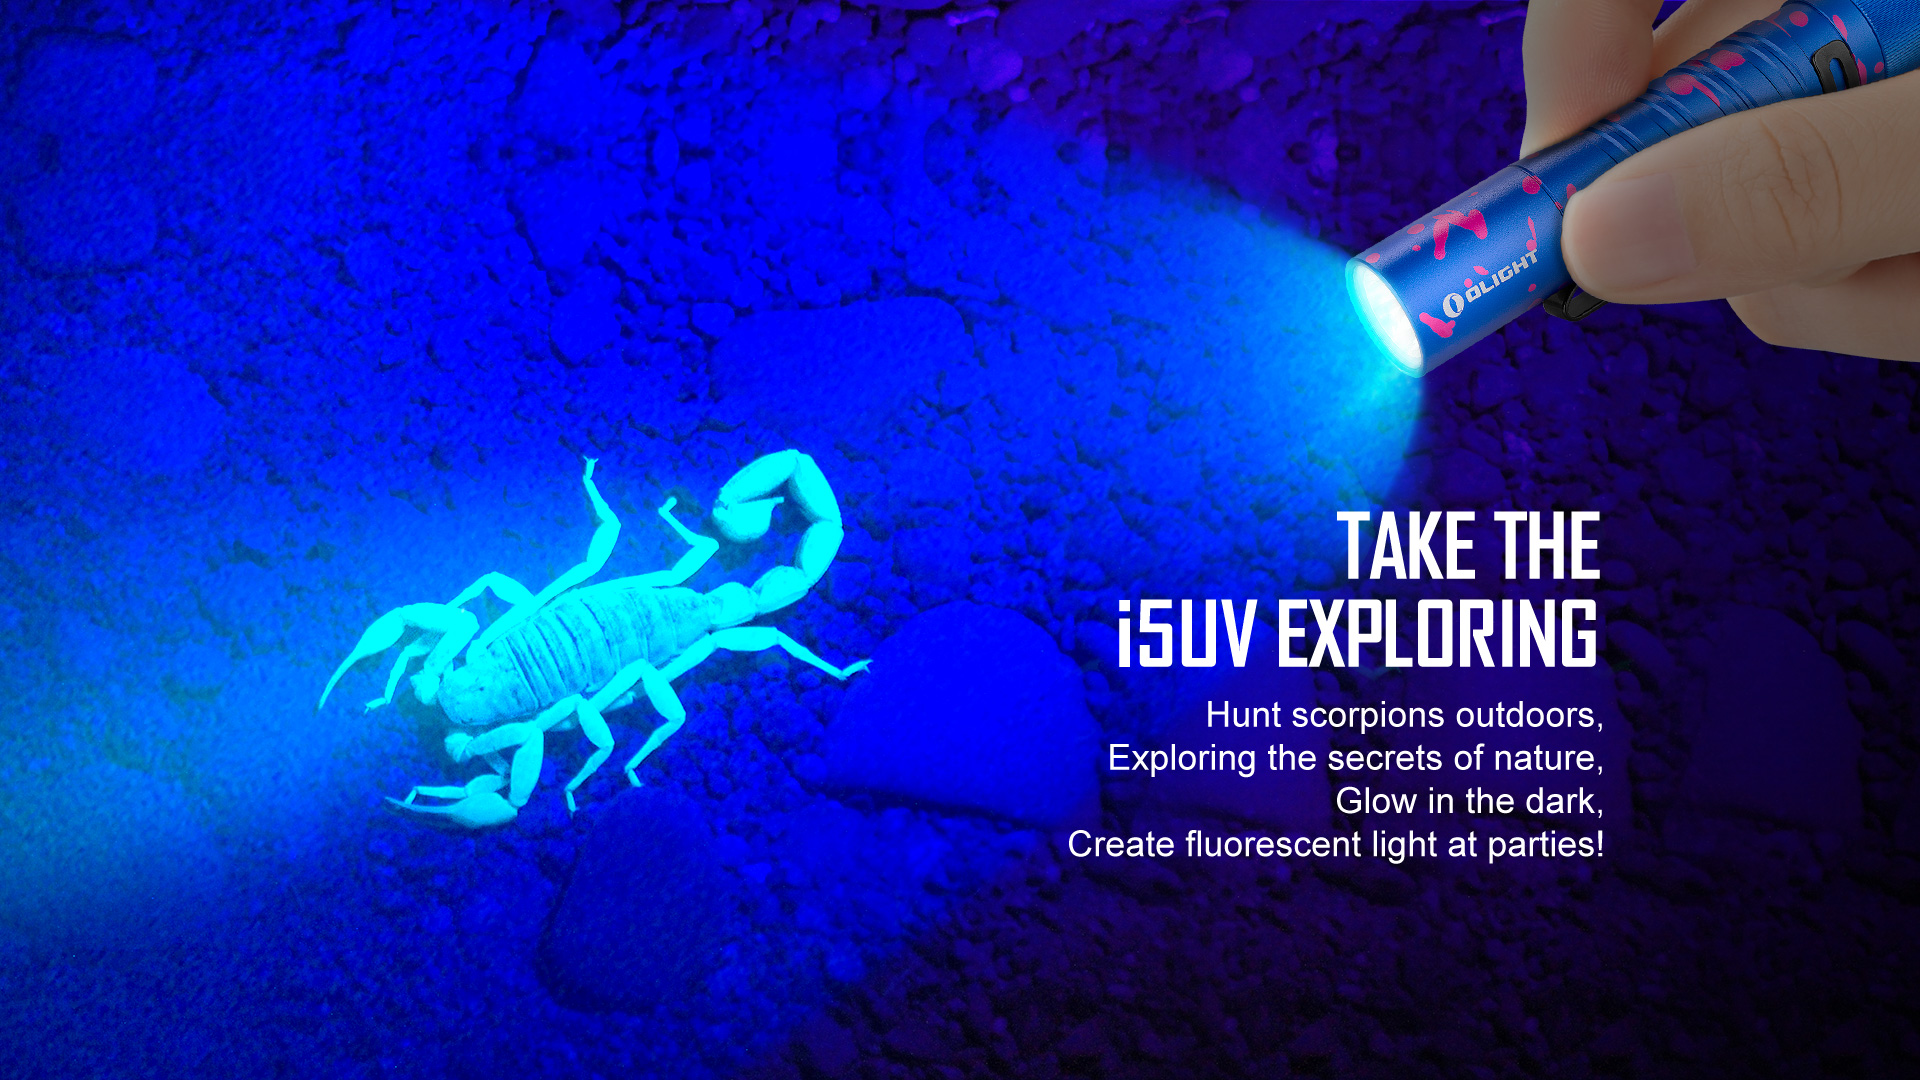 Olight i5 UV EOS Ultraviolet Flashlight Exploring